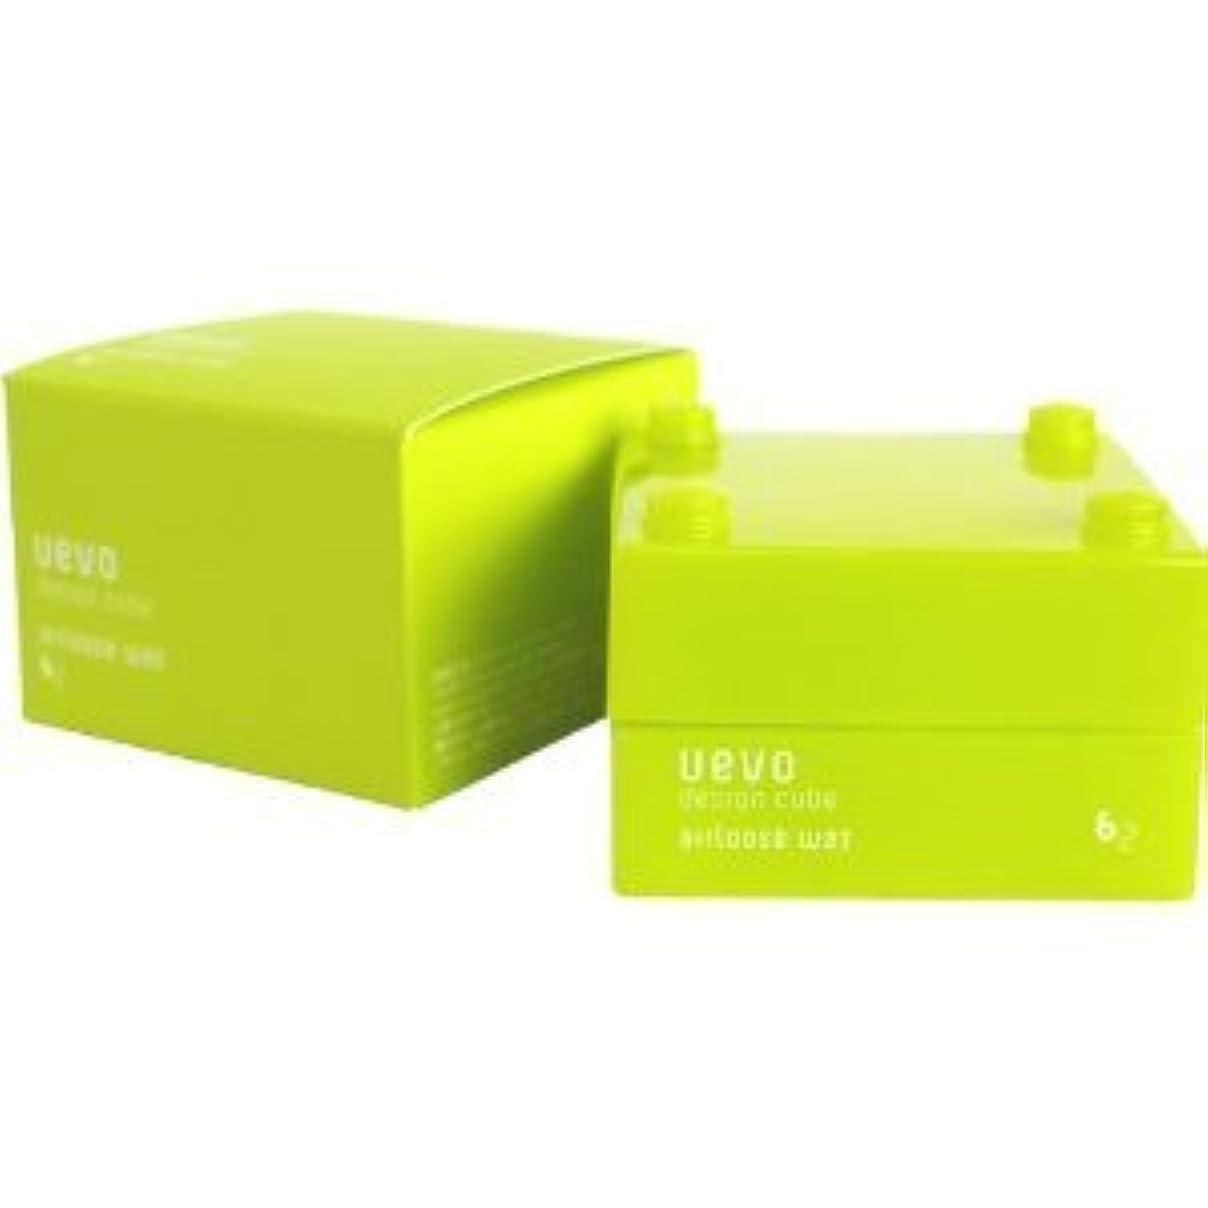 見えない机スマッシュ【X3個セット】 デミ ウェーボ デザインキューブ エアルーズワックス 30g airloose wax DEMI uevo design cube